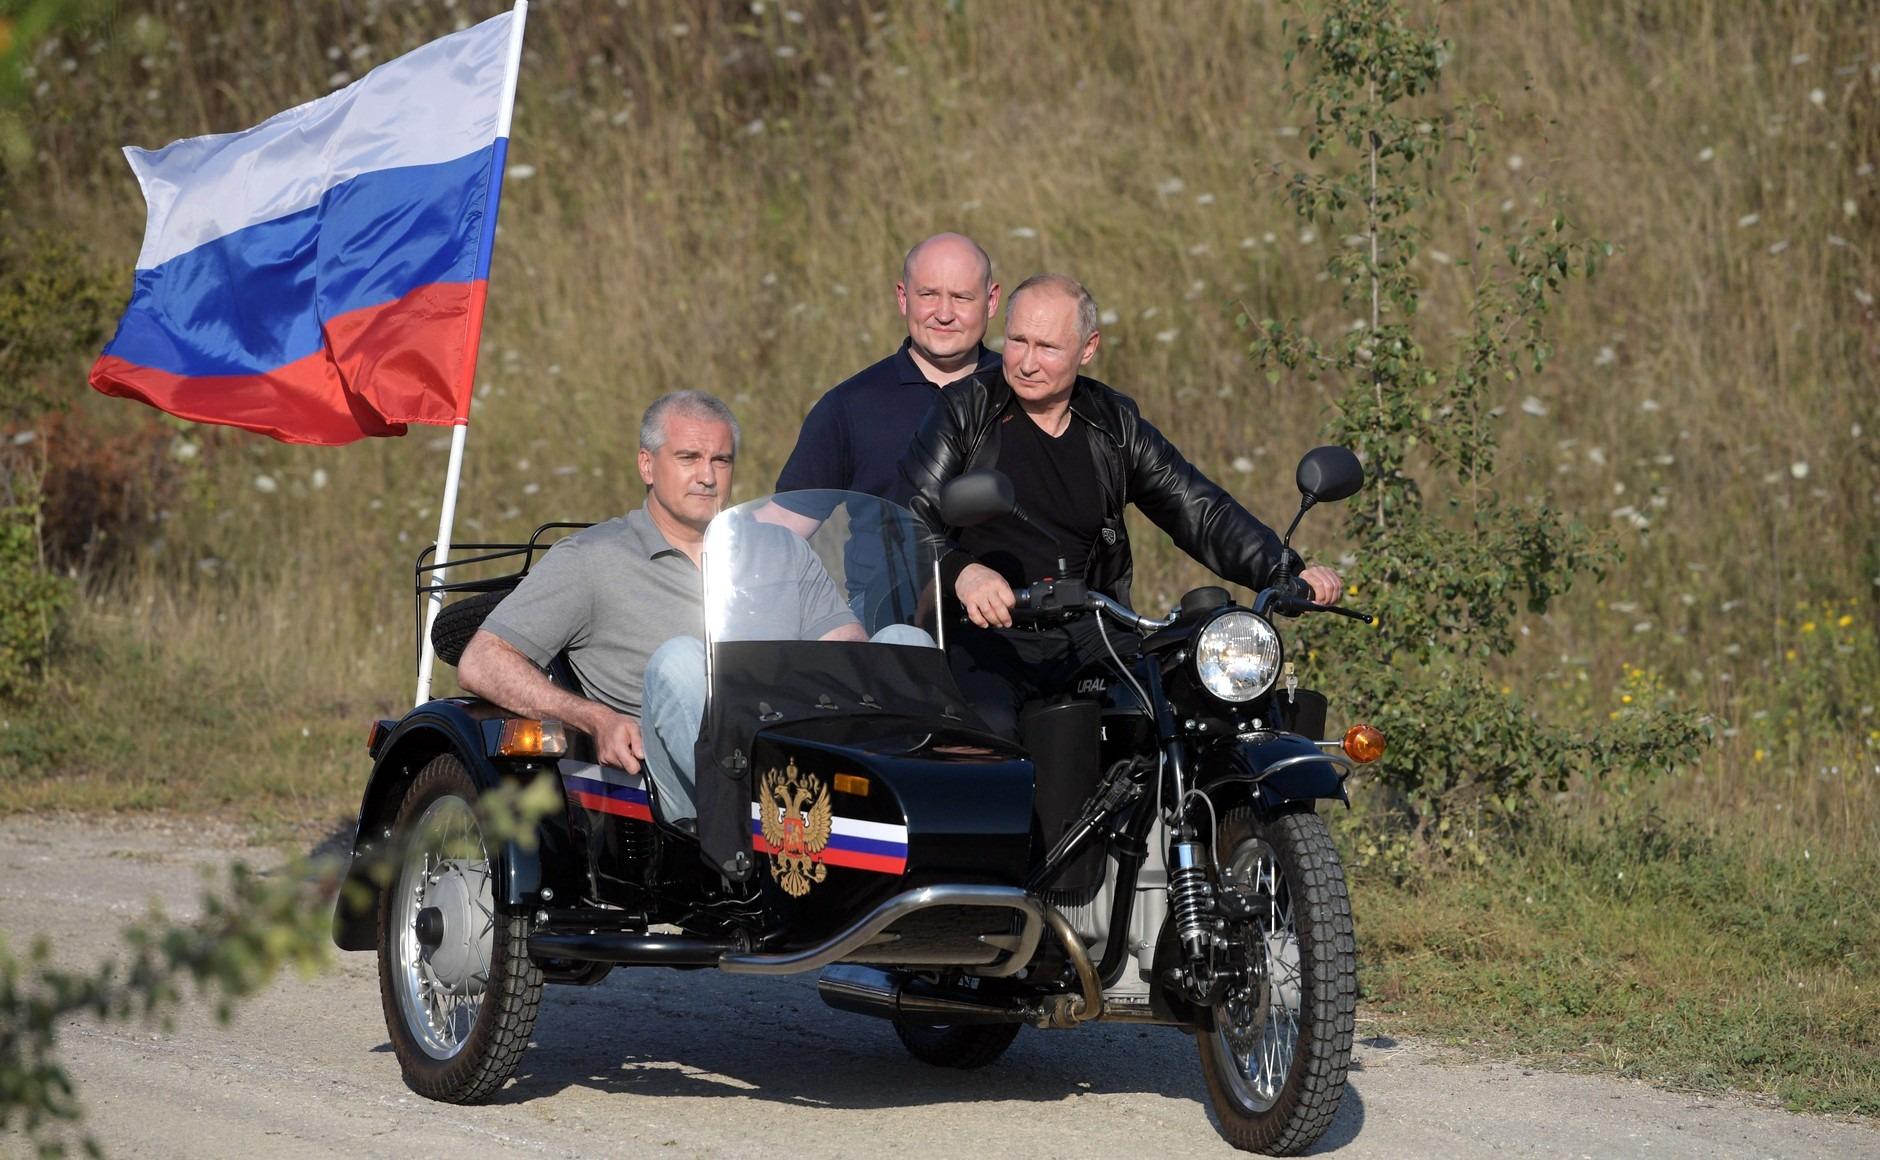 普京在克里米亚骑摩托车宣示主权,乌克兰称未获同意 俄方:可笑